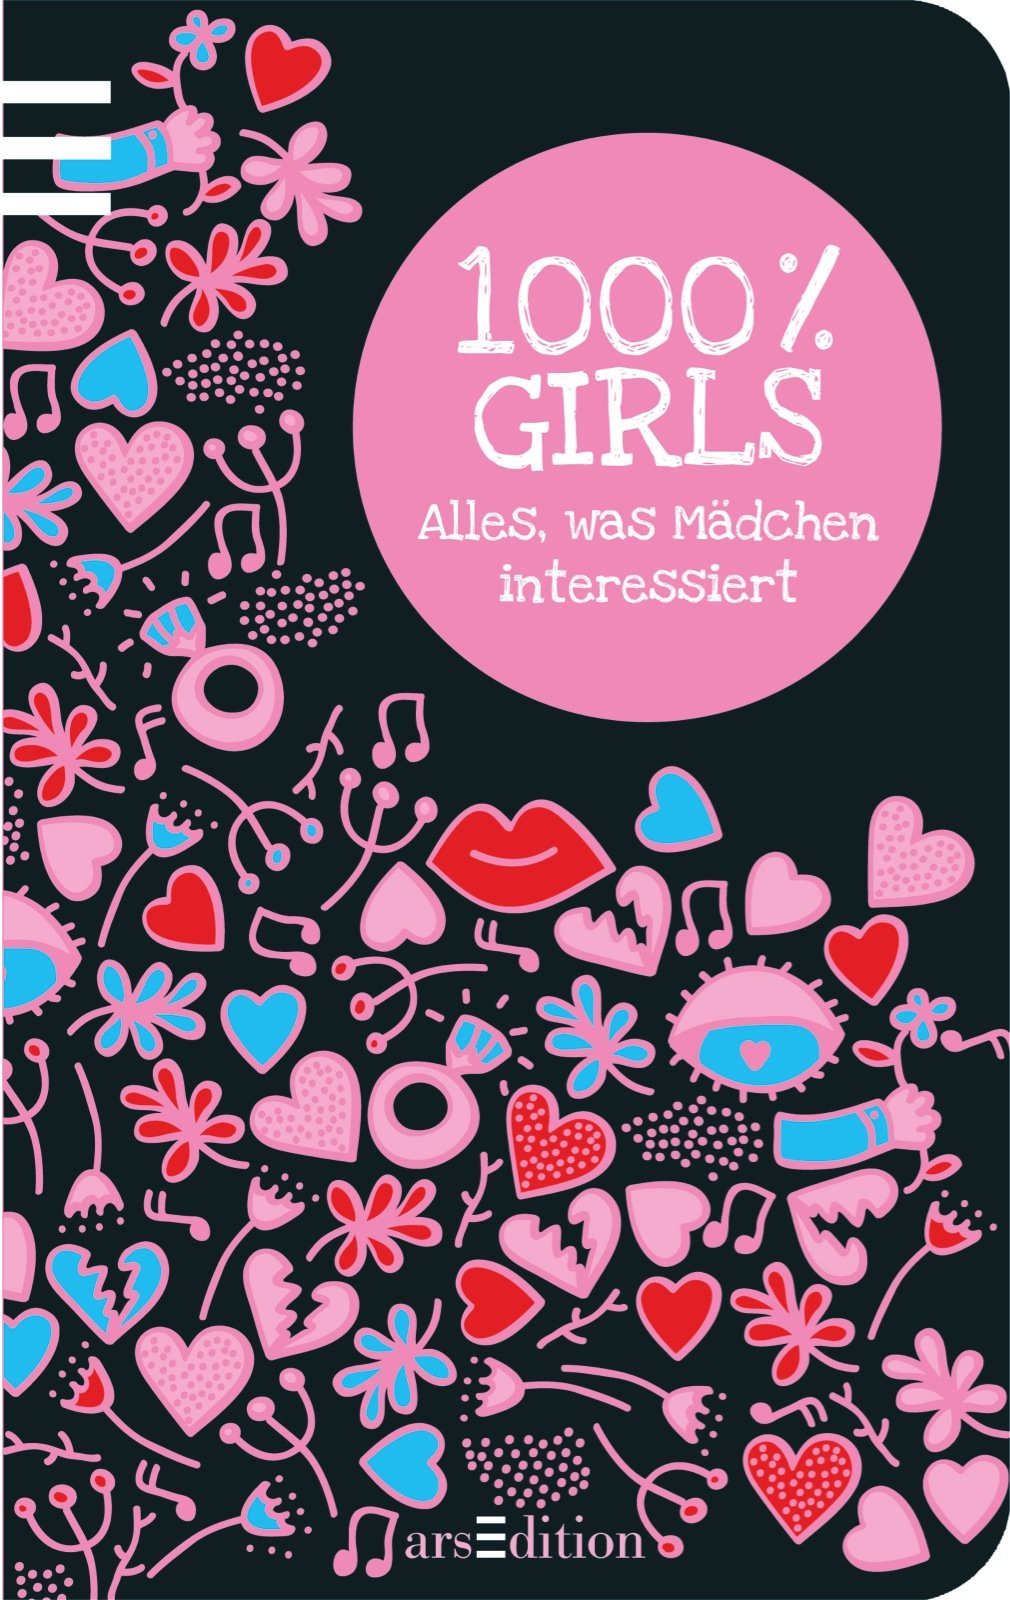 1000 % Girls: Alles, was Mädchen interessiert Gebundenes Buch – 10. Januar 2013 Norbert Golluch Ars Edition 3760789560 Ab 8 Jahre